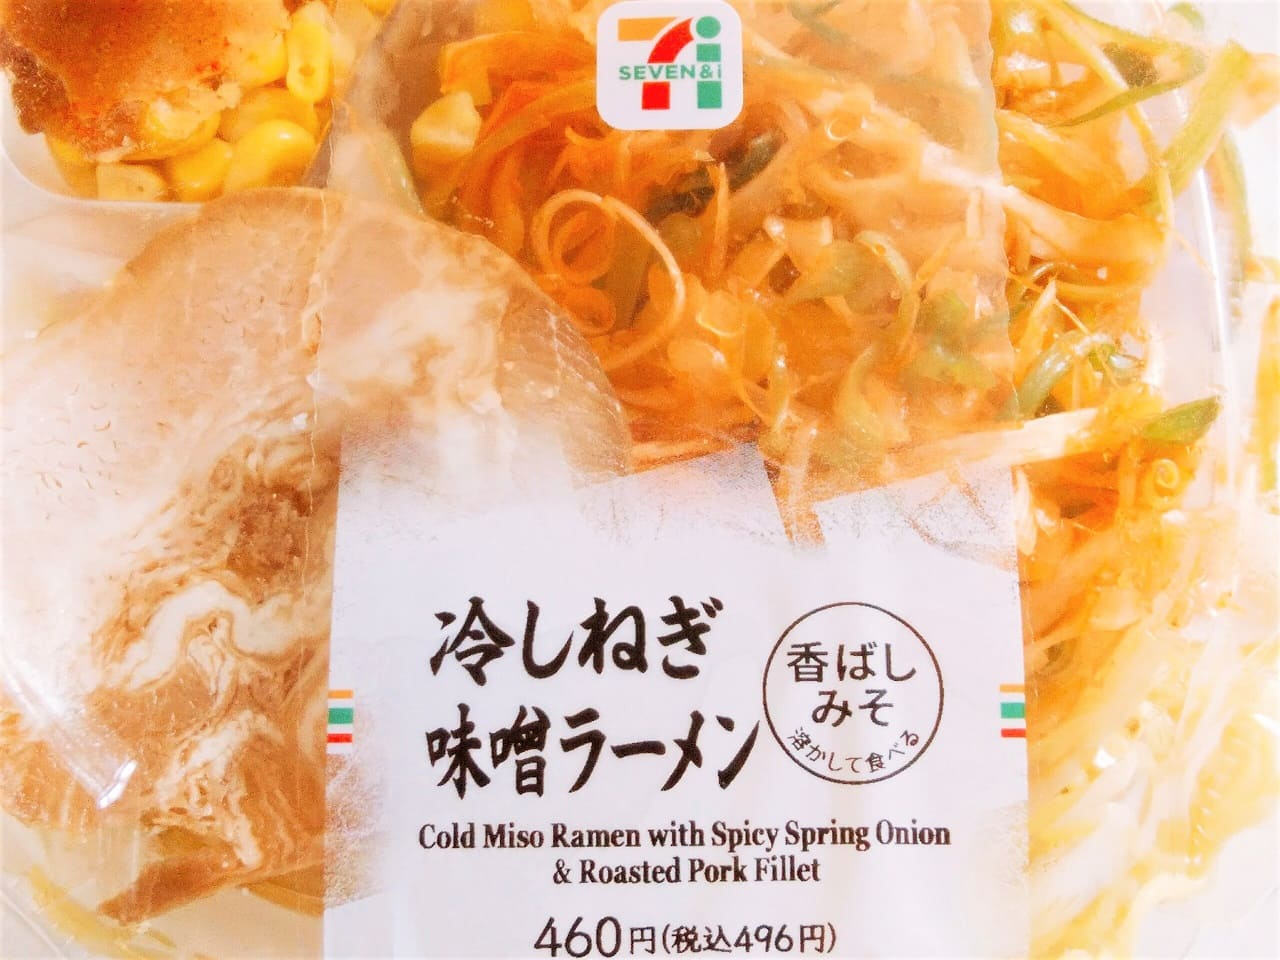 冷しねぎ味噌ラーメンパッケージ